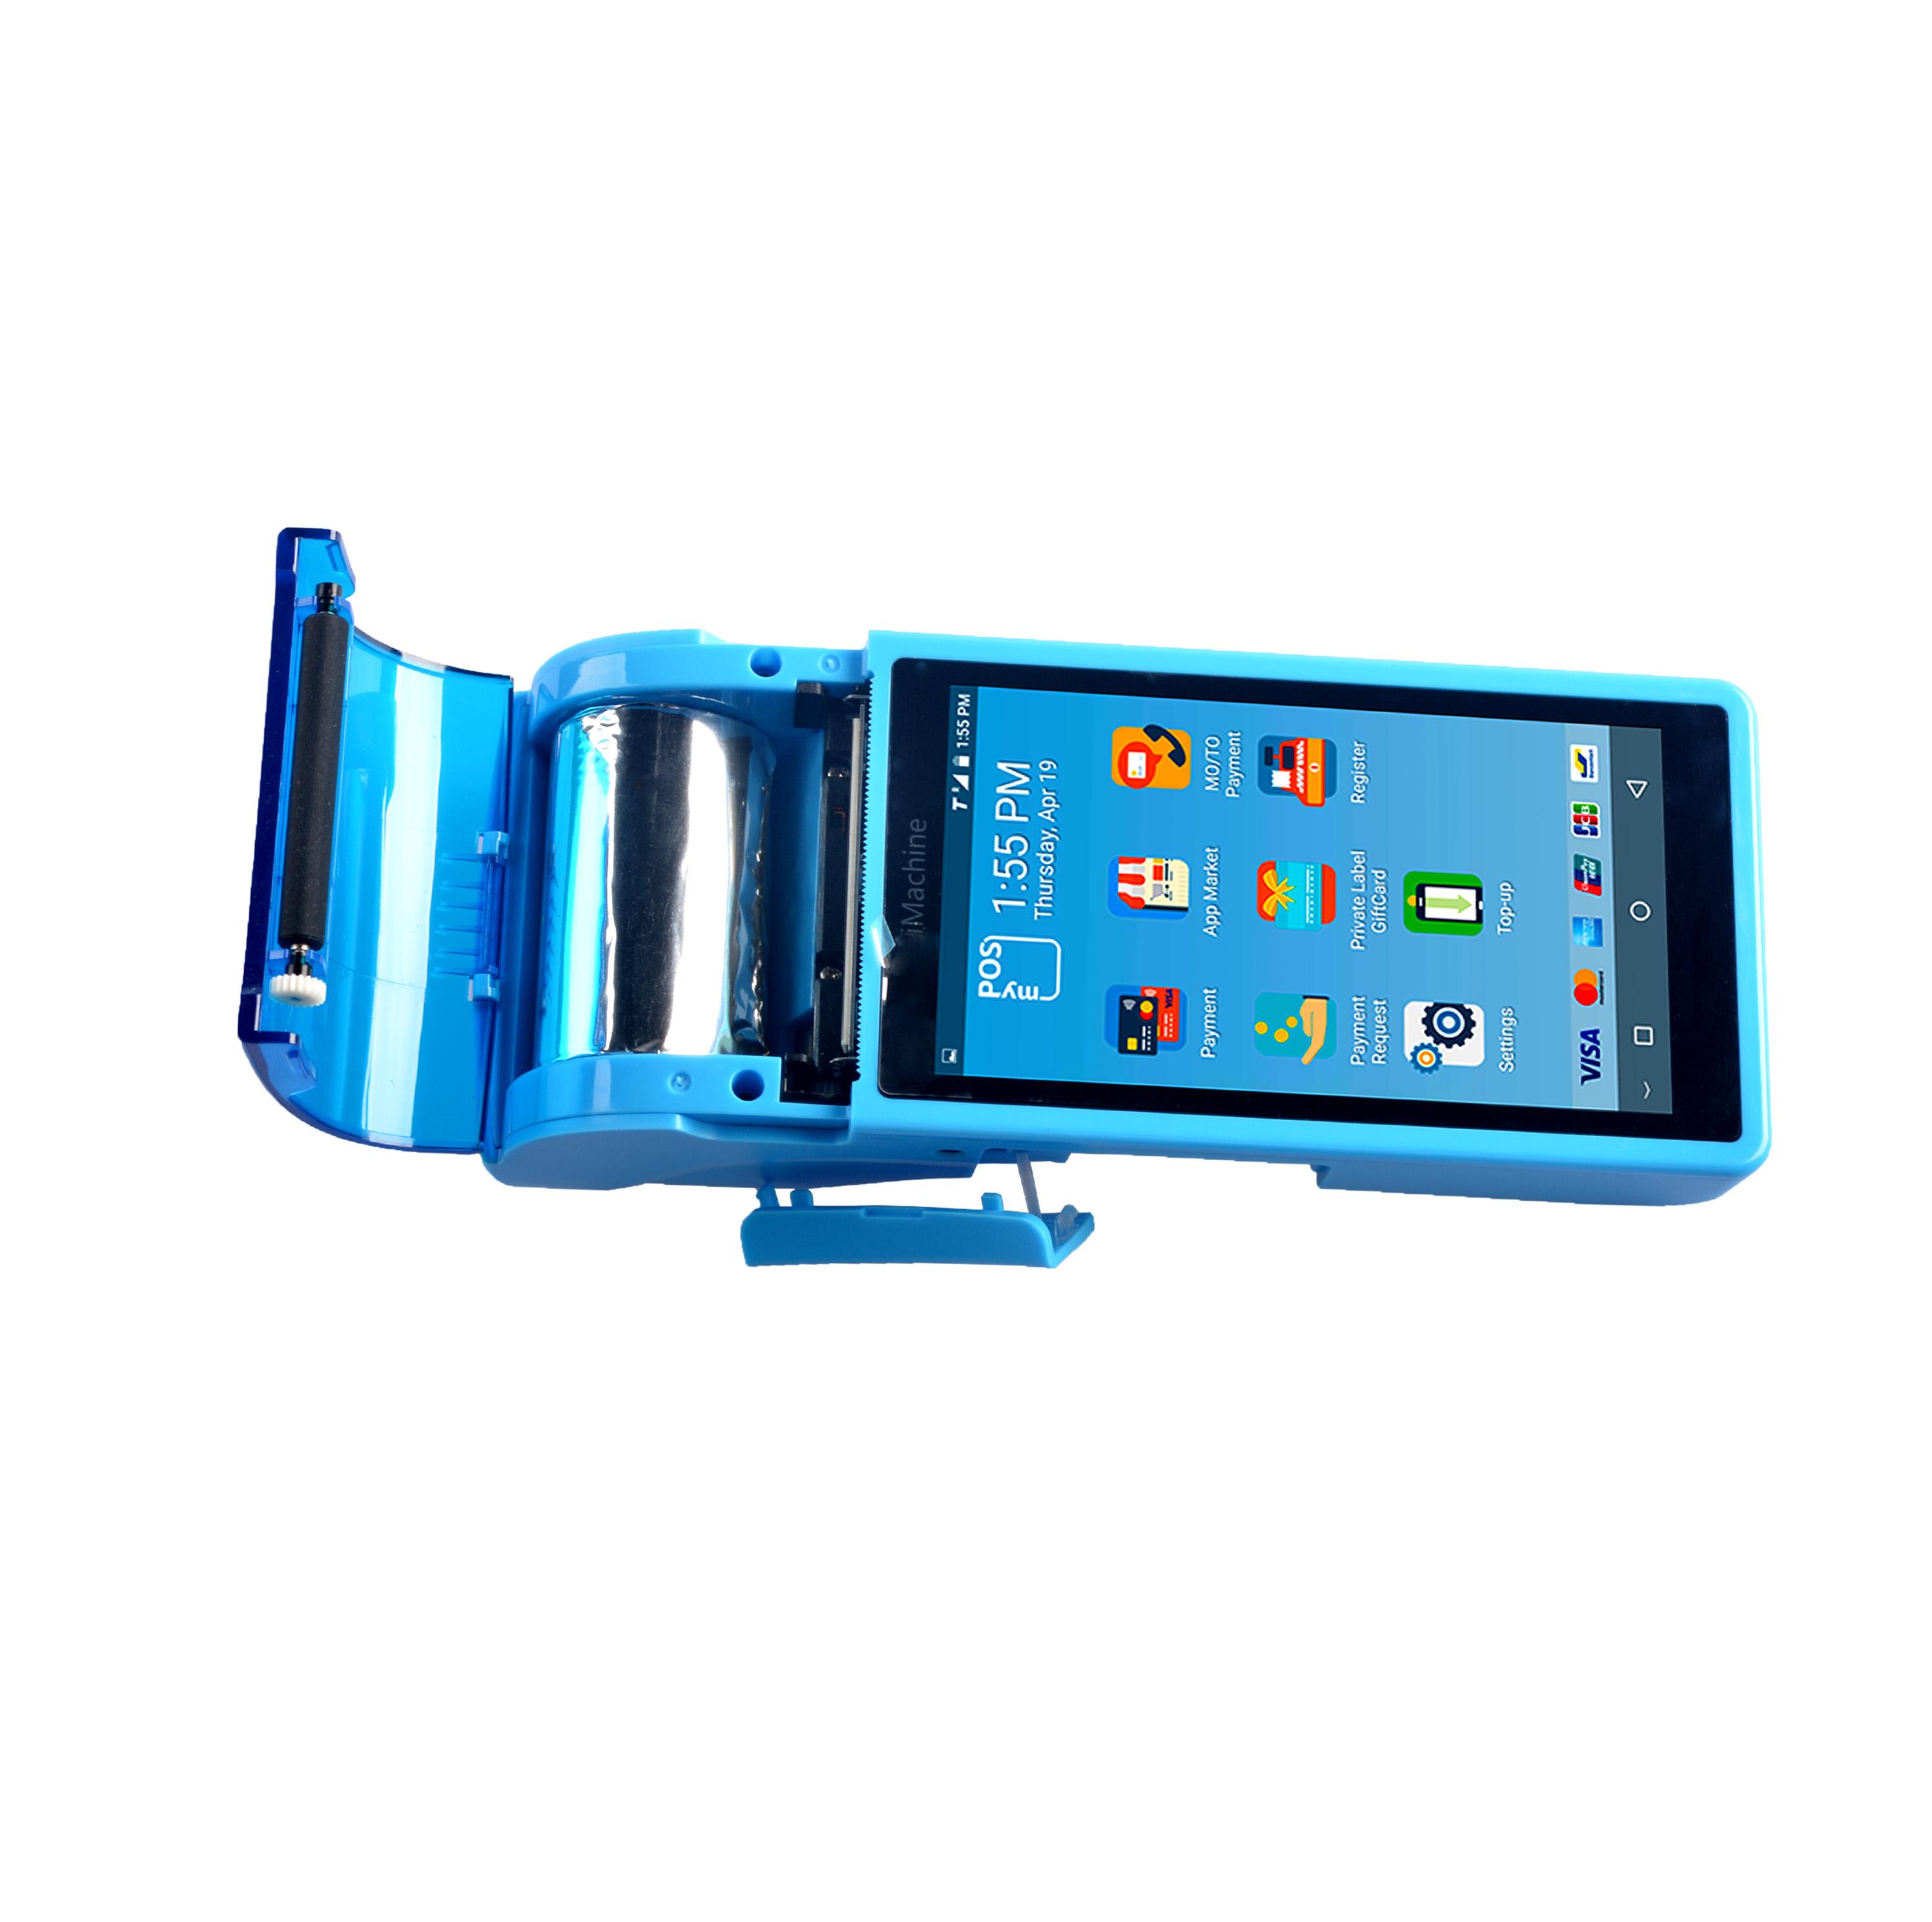 携帯 Android のタッチスクリーンハンドヘルド Pos 58 ミリメートルサーマルレシートプリンタ 5 インチ 3 グラムの bluetooth 無線 lan バーコードポイント販売システム